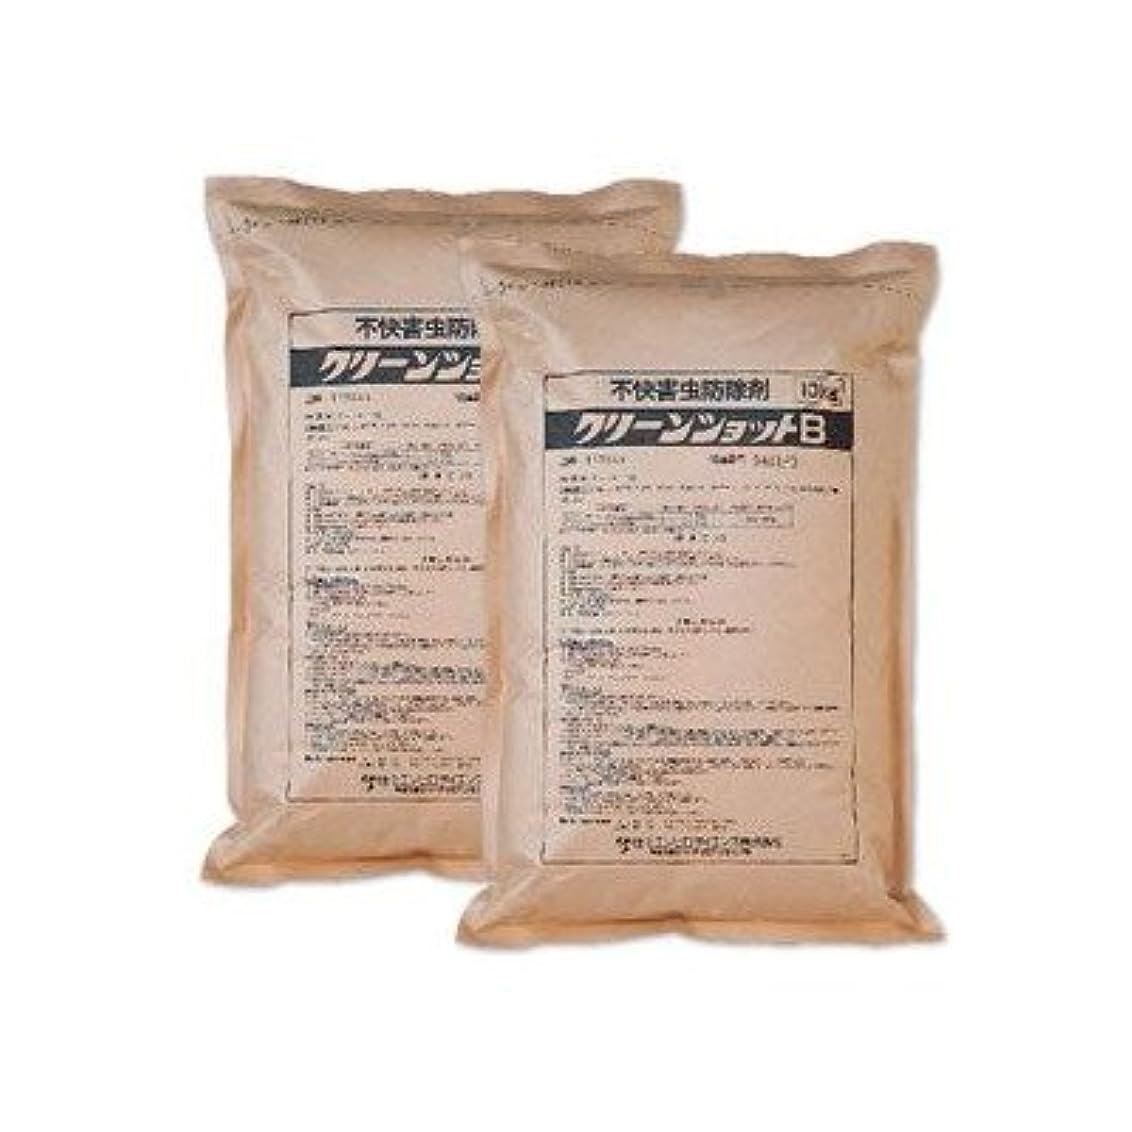 合唱団絶えず合併症お徳用 粒状殺虫剤 クリーンショットB 1ケース(10kg×2袋)